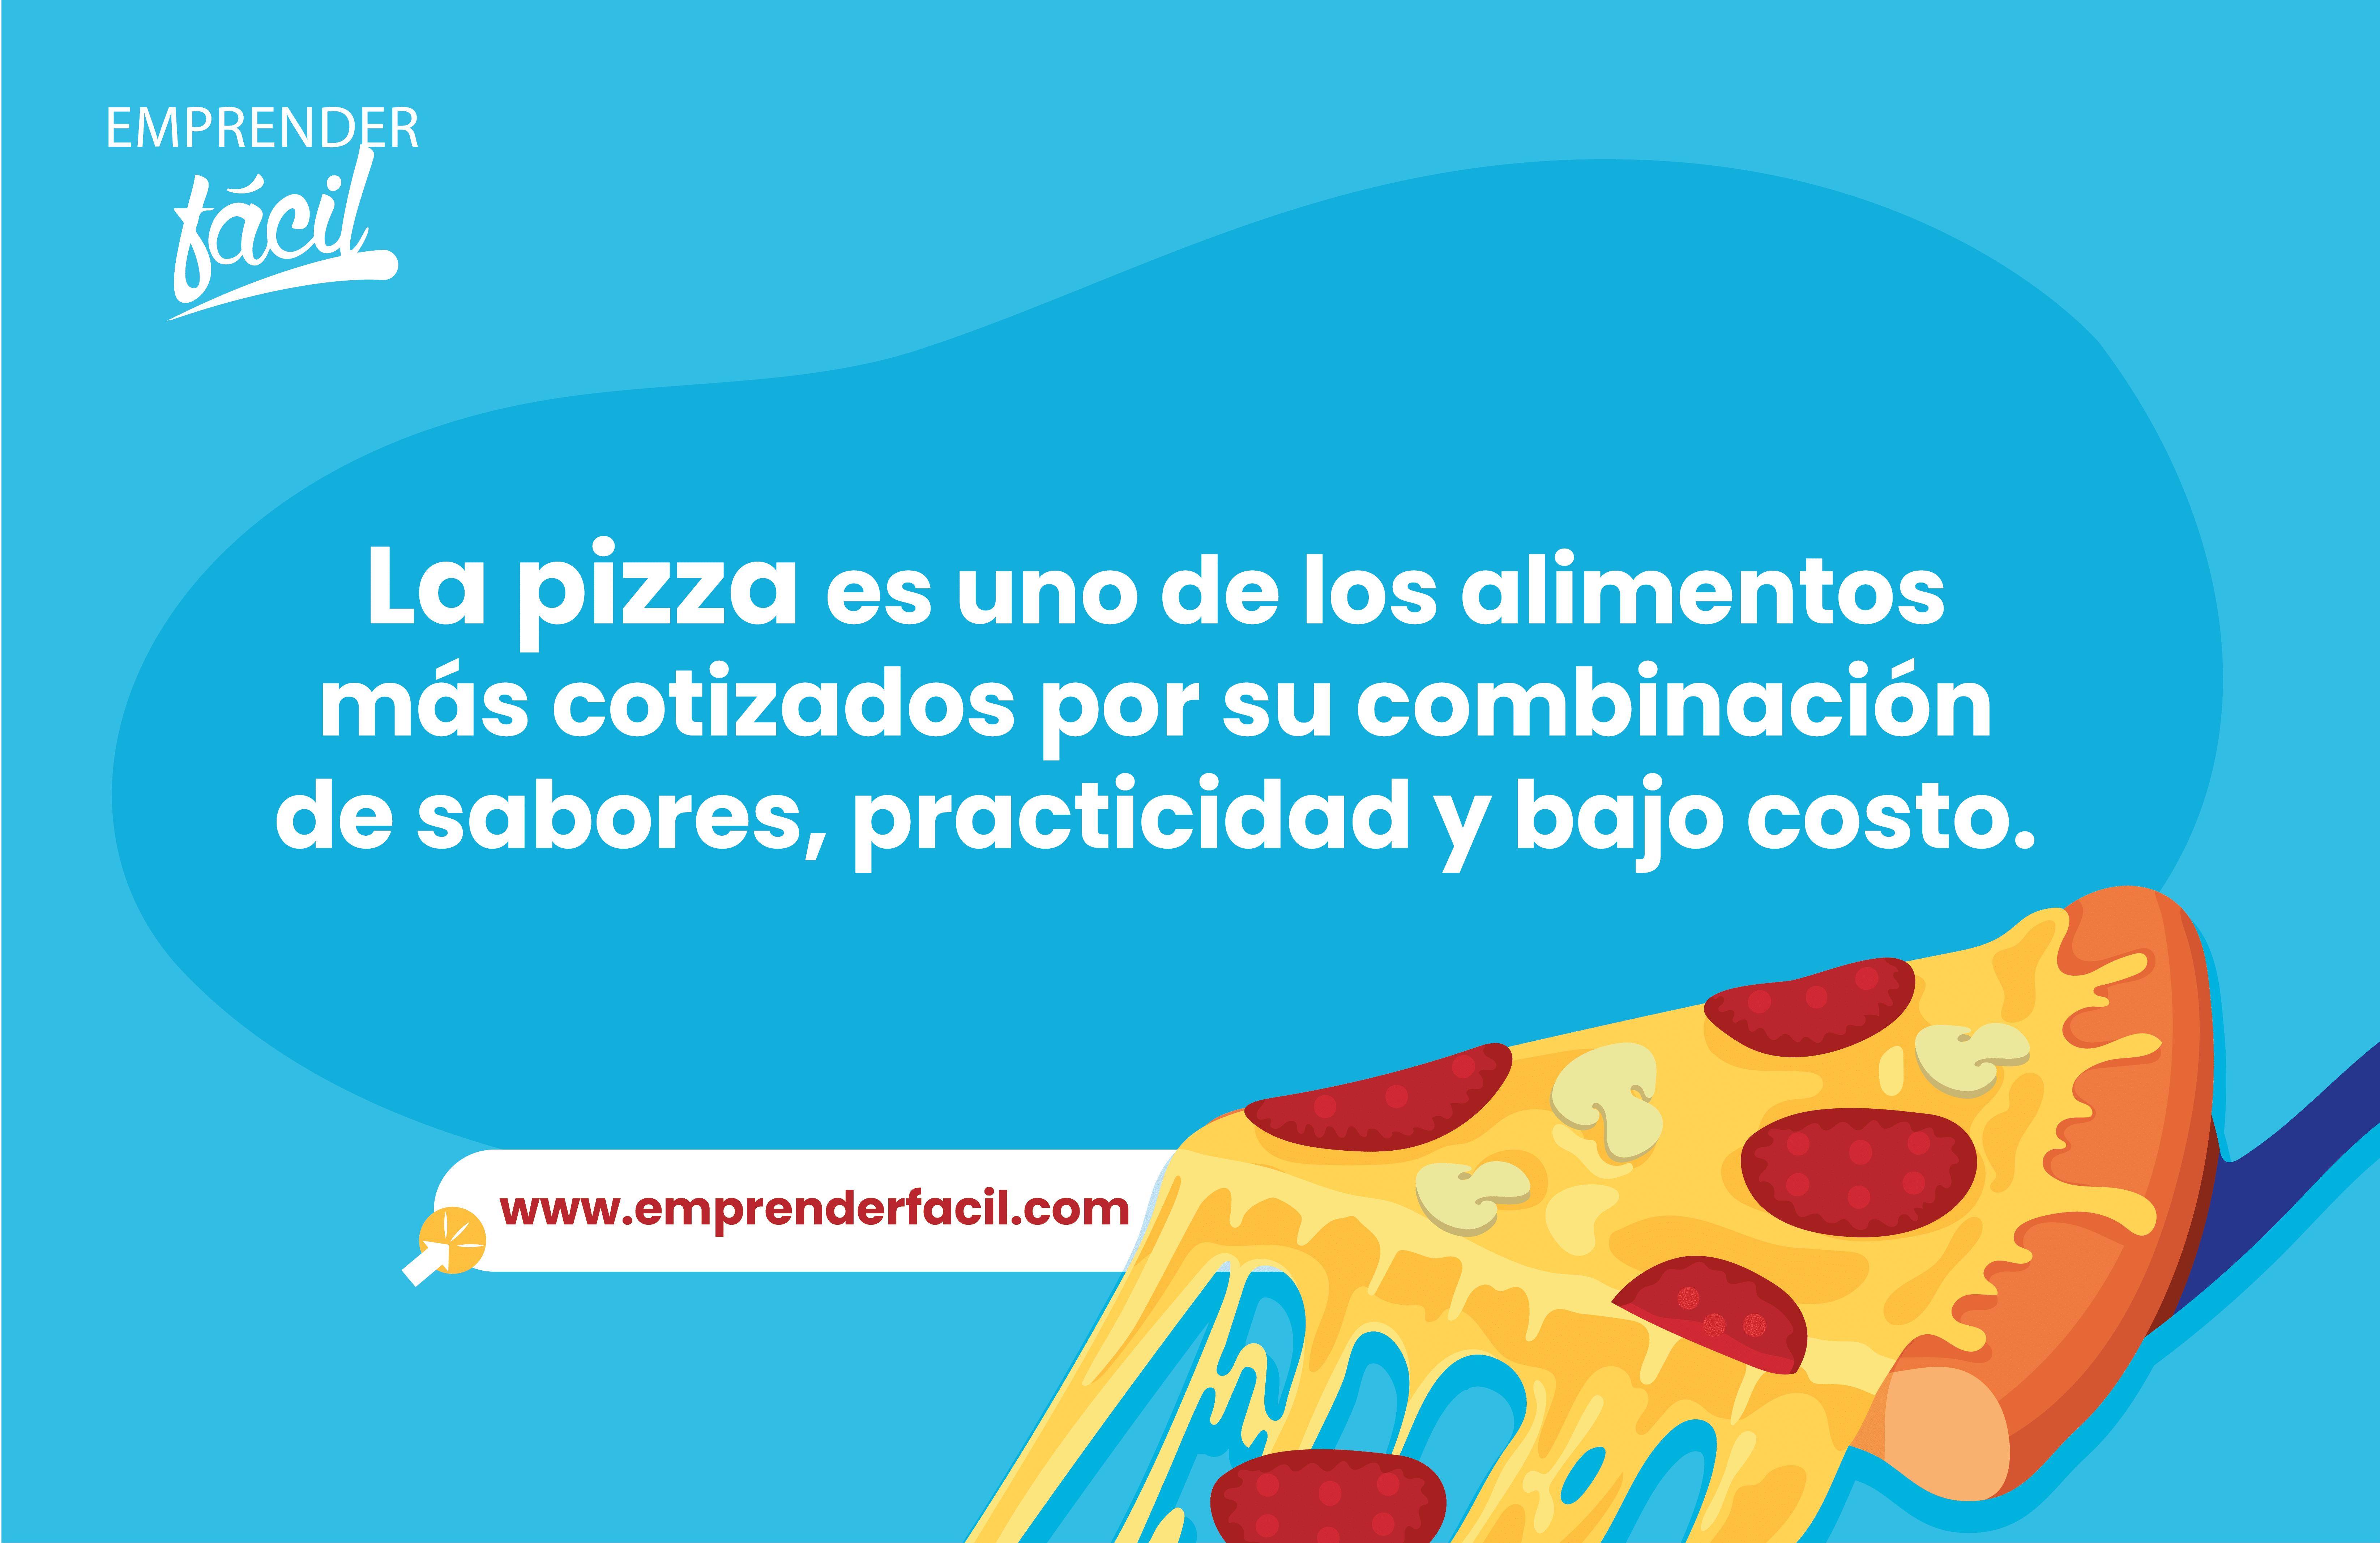 La pizza es uno de los alimentos más cotizados.